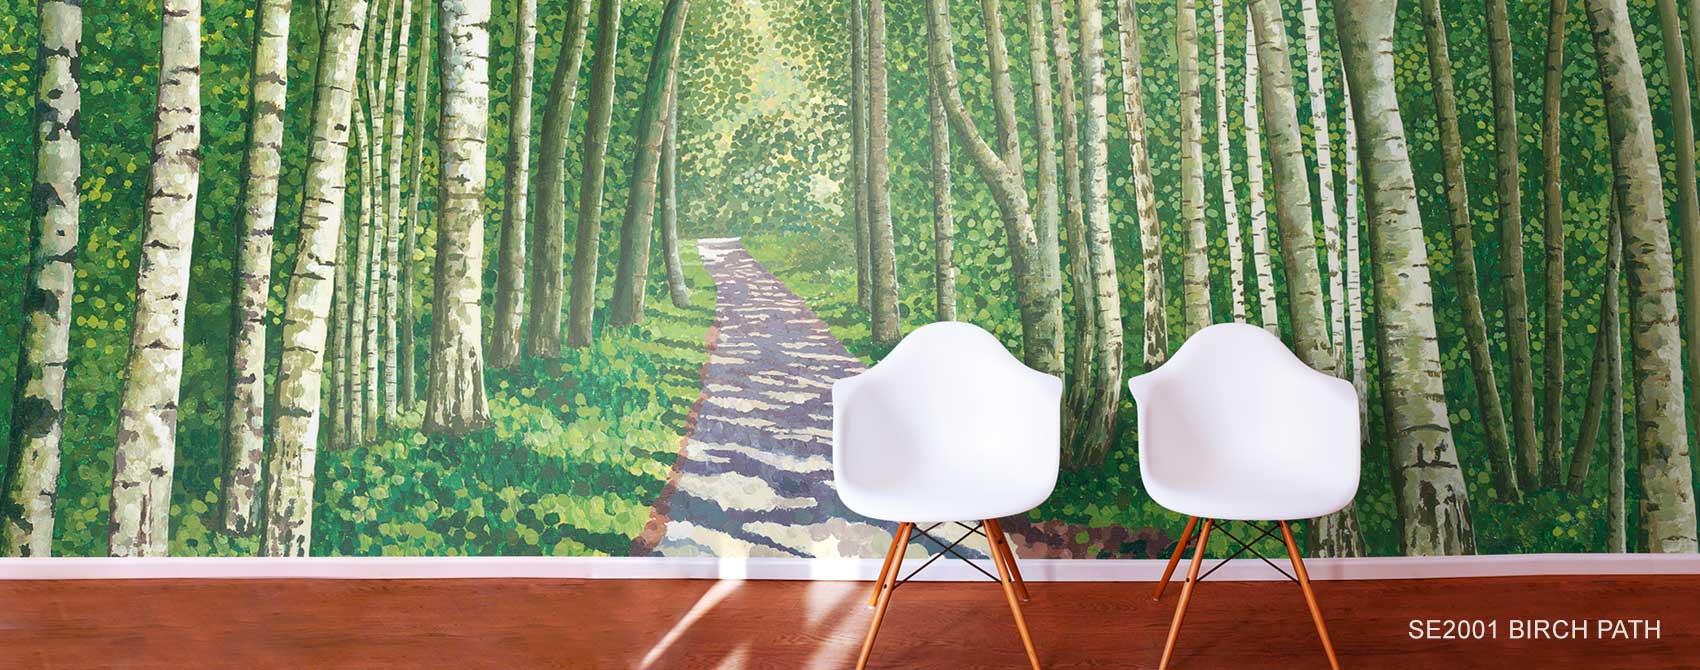 Birch Aspen Tree Wallpaper Murals Murals Your Way 1700x670